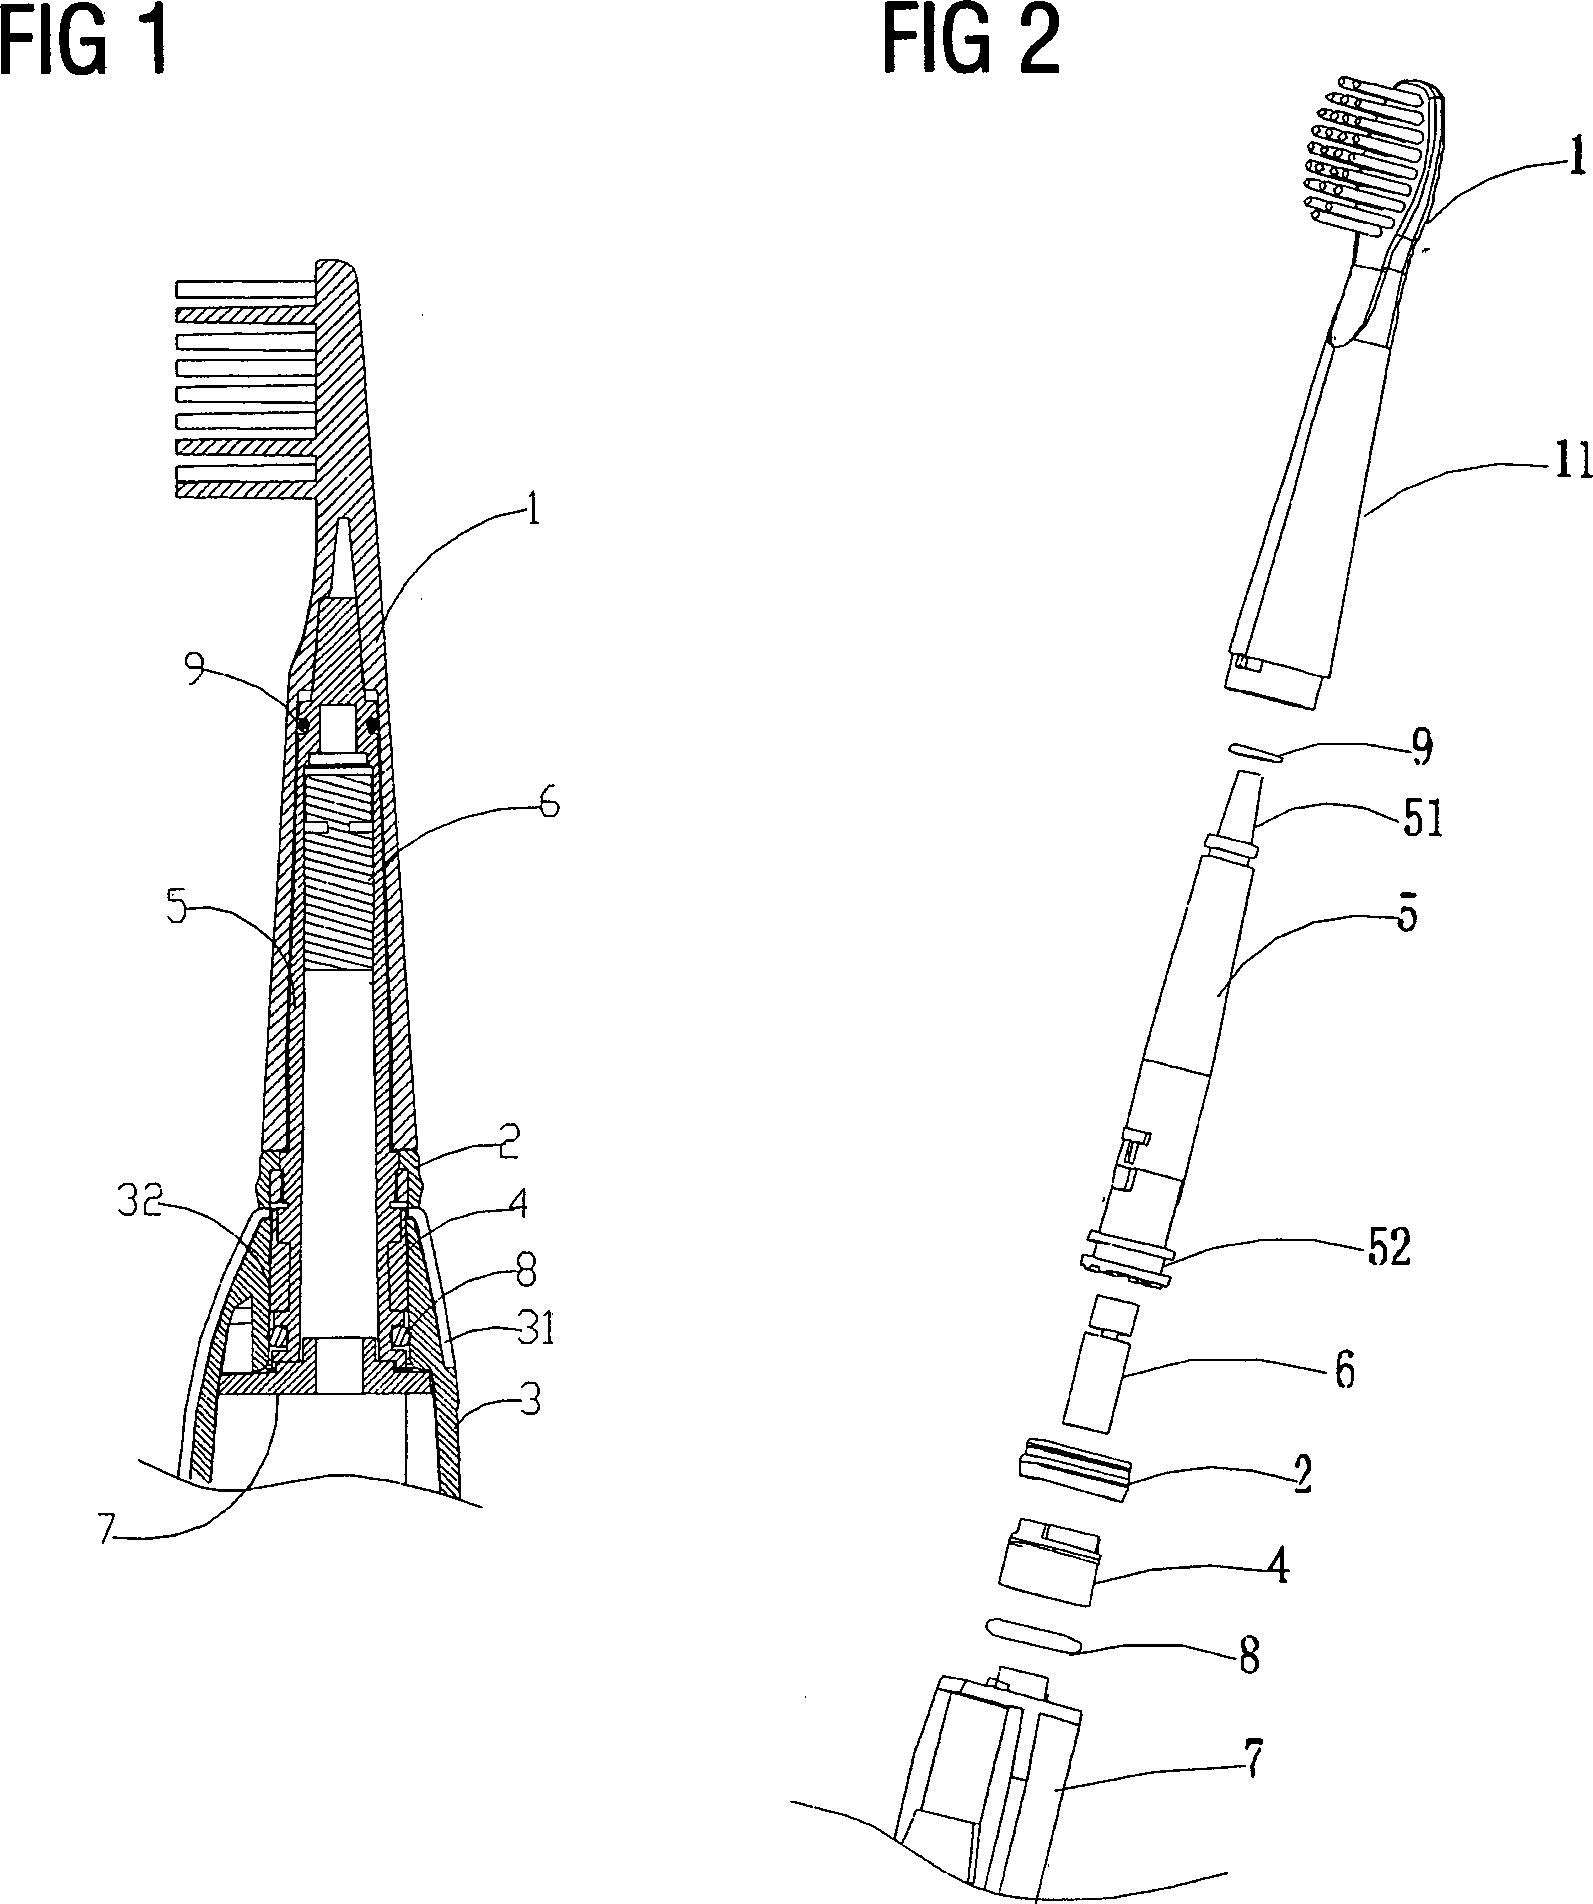 patent de202010013214u1 schwingungsvorrichtung f r eine schwingende elektrische zahnb rste. Black Bedroom Furniture Sets. Home Design Ideas